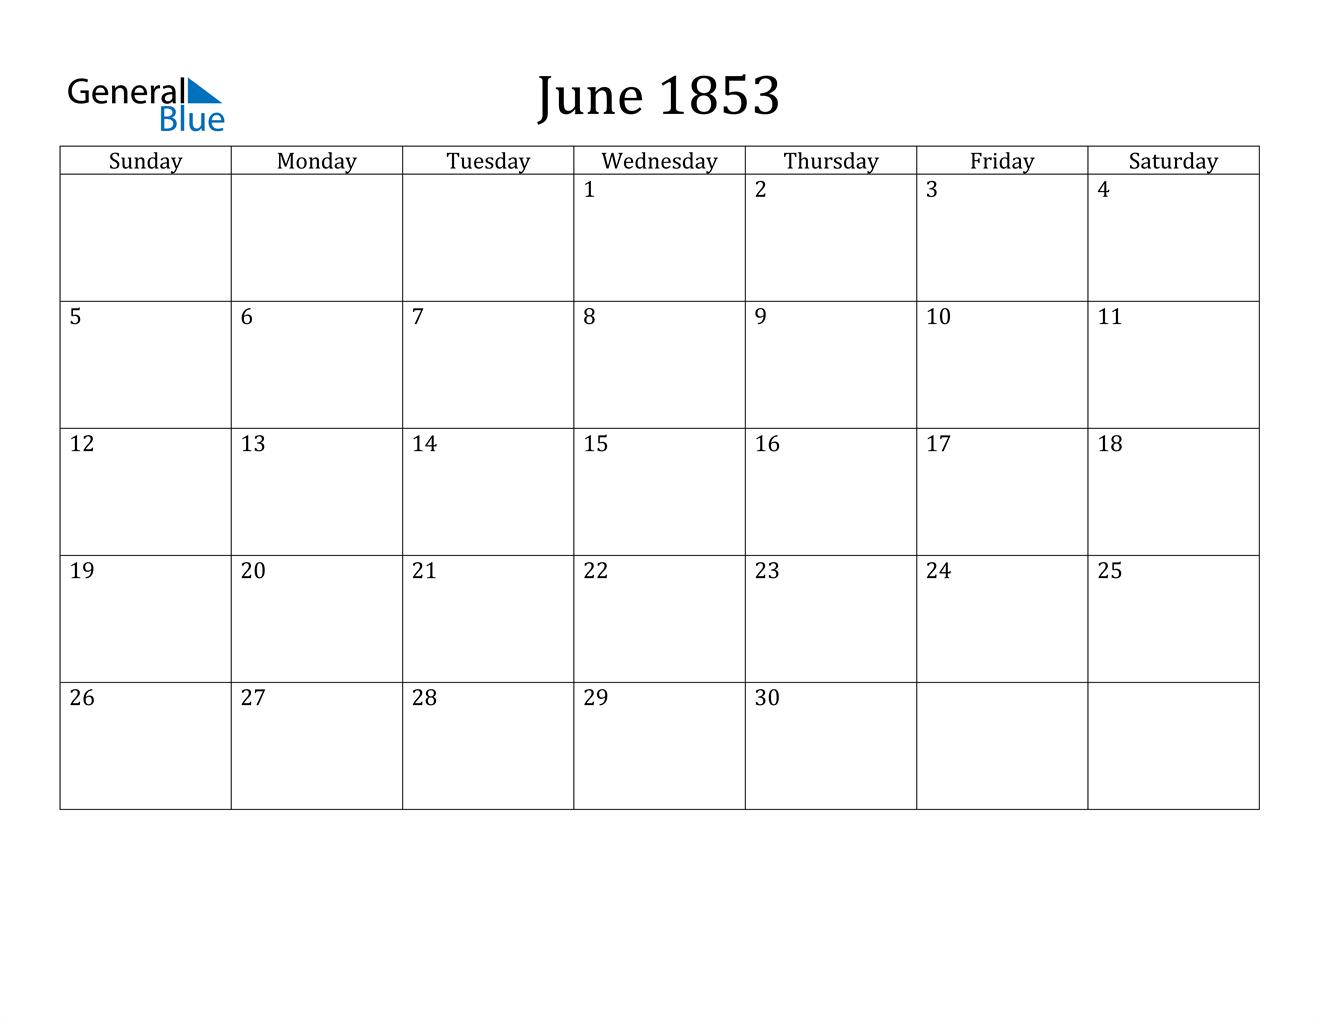 Image of June 1853 Calendar